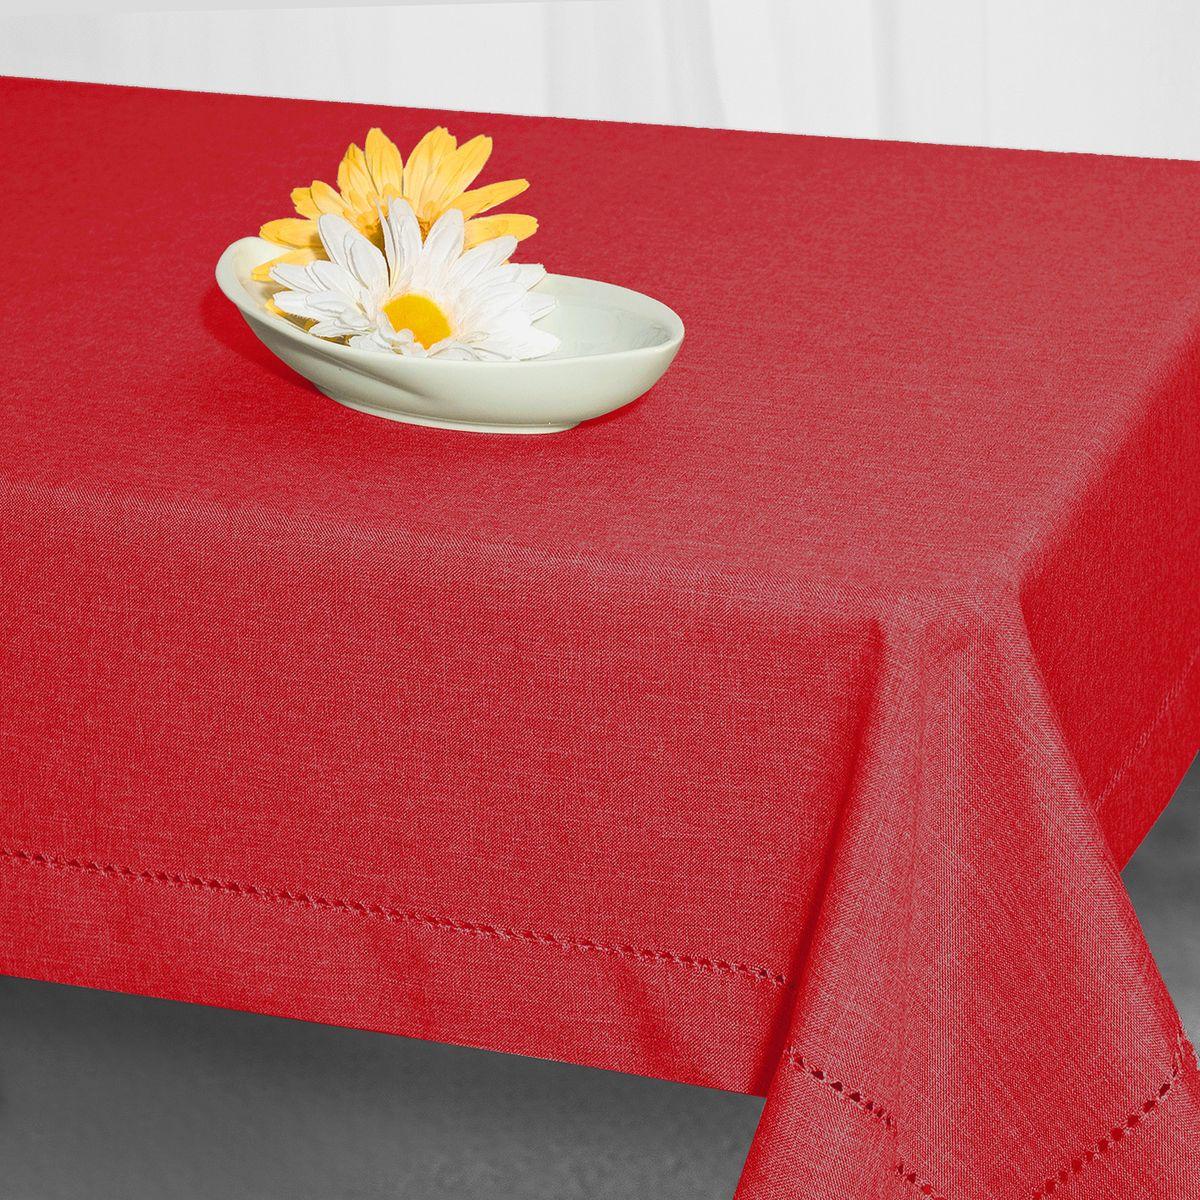 Скатерть Schaefer, прямоугольная, цвет: красный, 160 x 220 см. 07601-4081004900000360Стильная скатерть Schaefer выполнена из полиэстера.Изделия из полиэстера легко стирать: они не мнутся, не садятся и быстро сохнут, они более долговечны, чем изделия из натуральных волокон.Немецкая компания Schaefer создана в 1921 году. На протяжении всего времени существования она создает уникальные коллекции домашнего текстиля для гостиных, спален, кухонь и ванных комнат. Дизайнерские идеи немецких художников компании Schaefer воплощаются в текстильных изделиях, которые сделают ваш дом красивее и уютнее и не останутся незамеченными вашими гостями. Дарите себе и близким красоту каждый день!